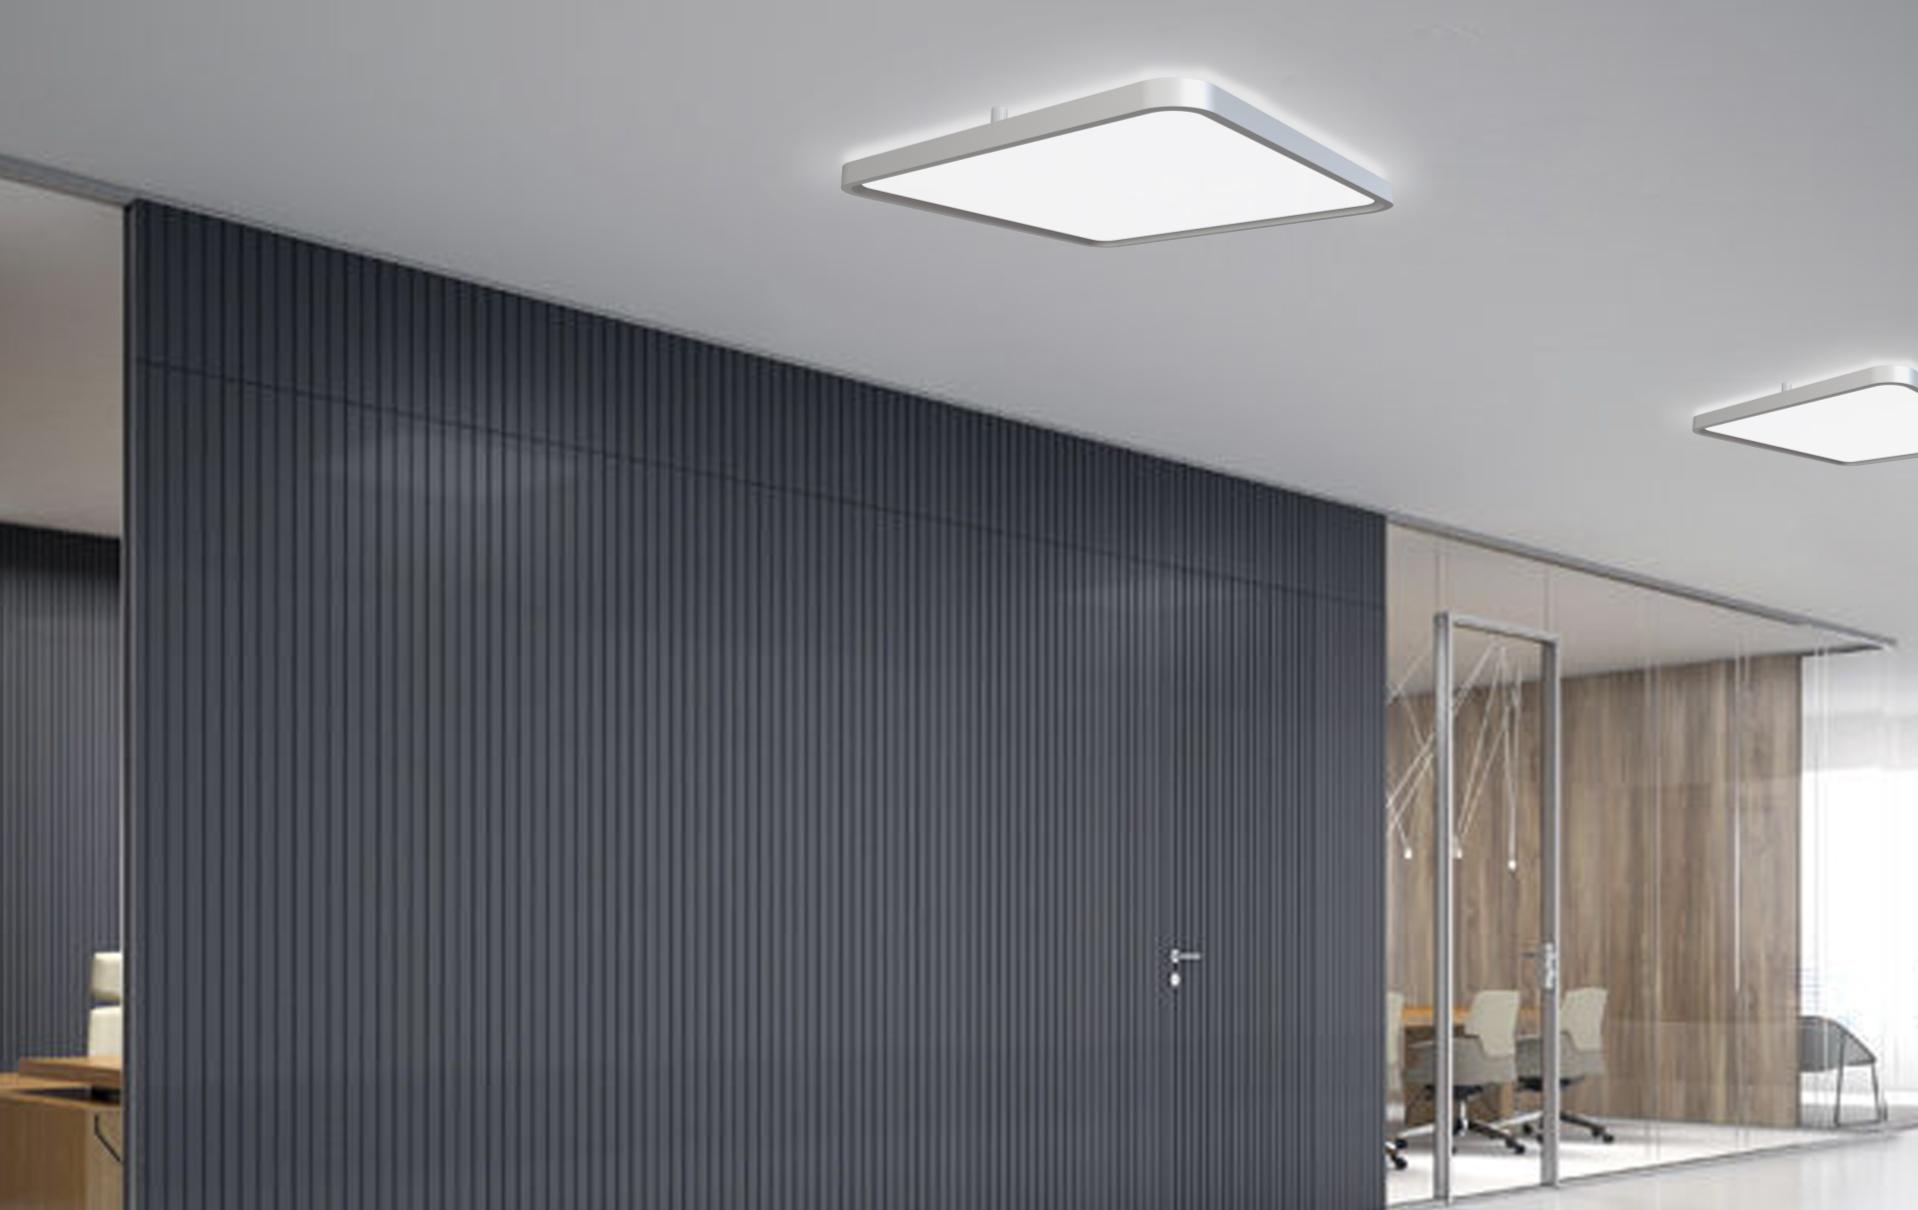 LEDAXO LED-Deckenleuchte DL-09-60-R Anwendungsbeispiel